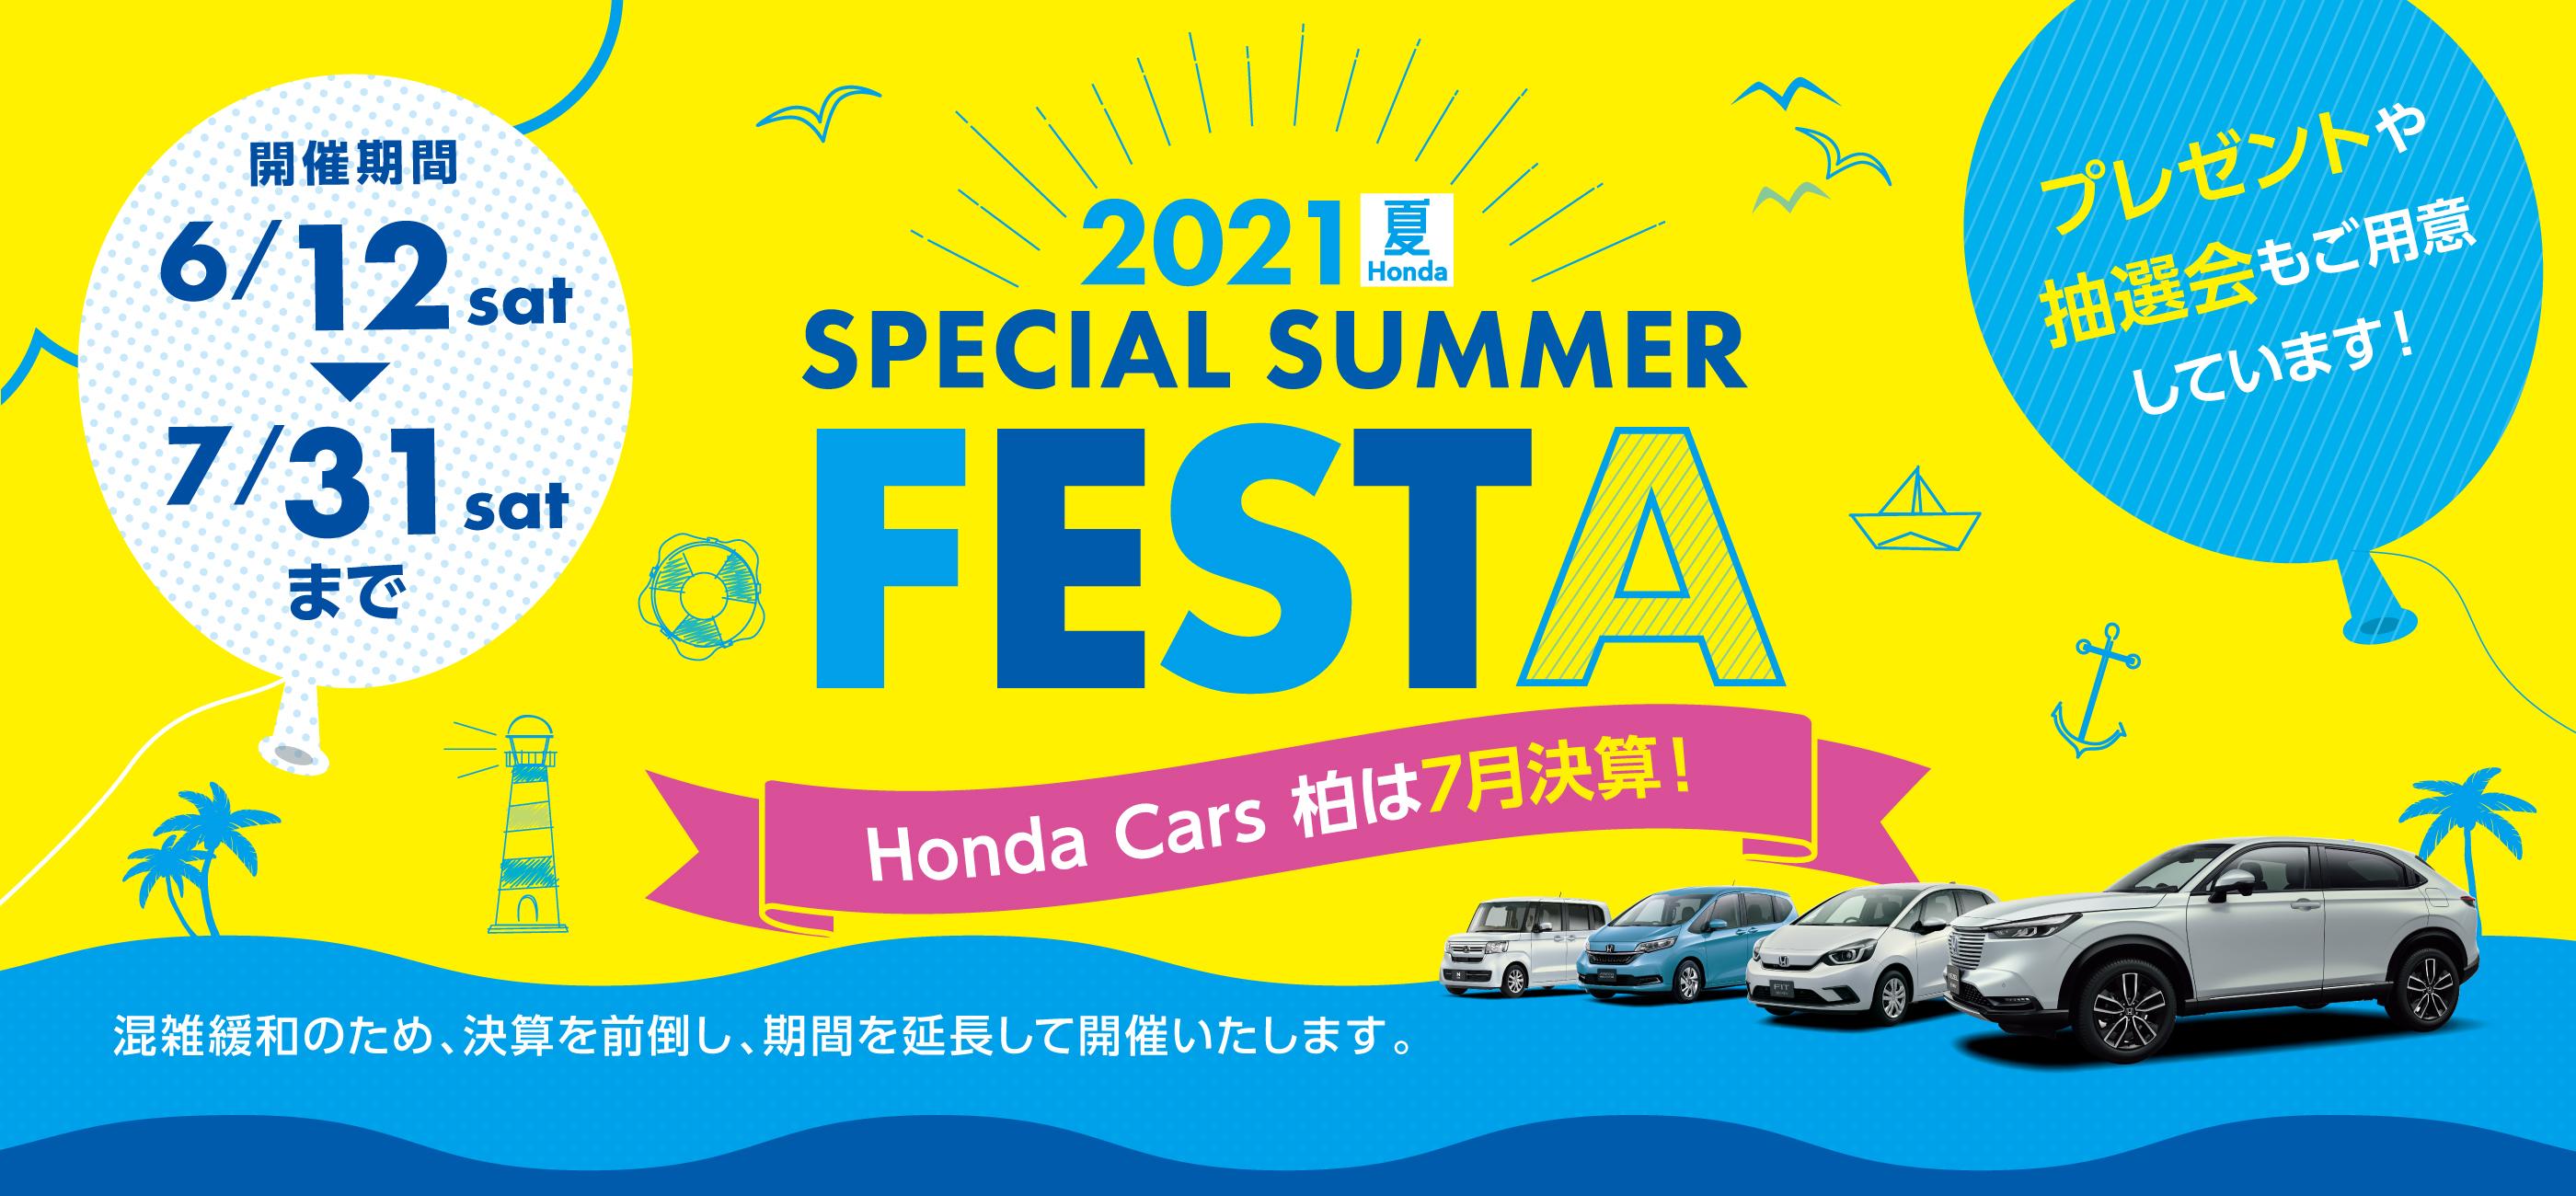 2021SPECIAL SUMMER FESTA